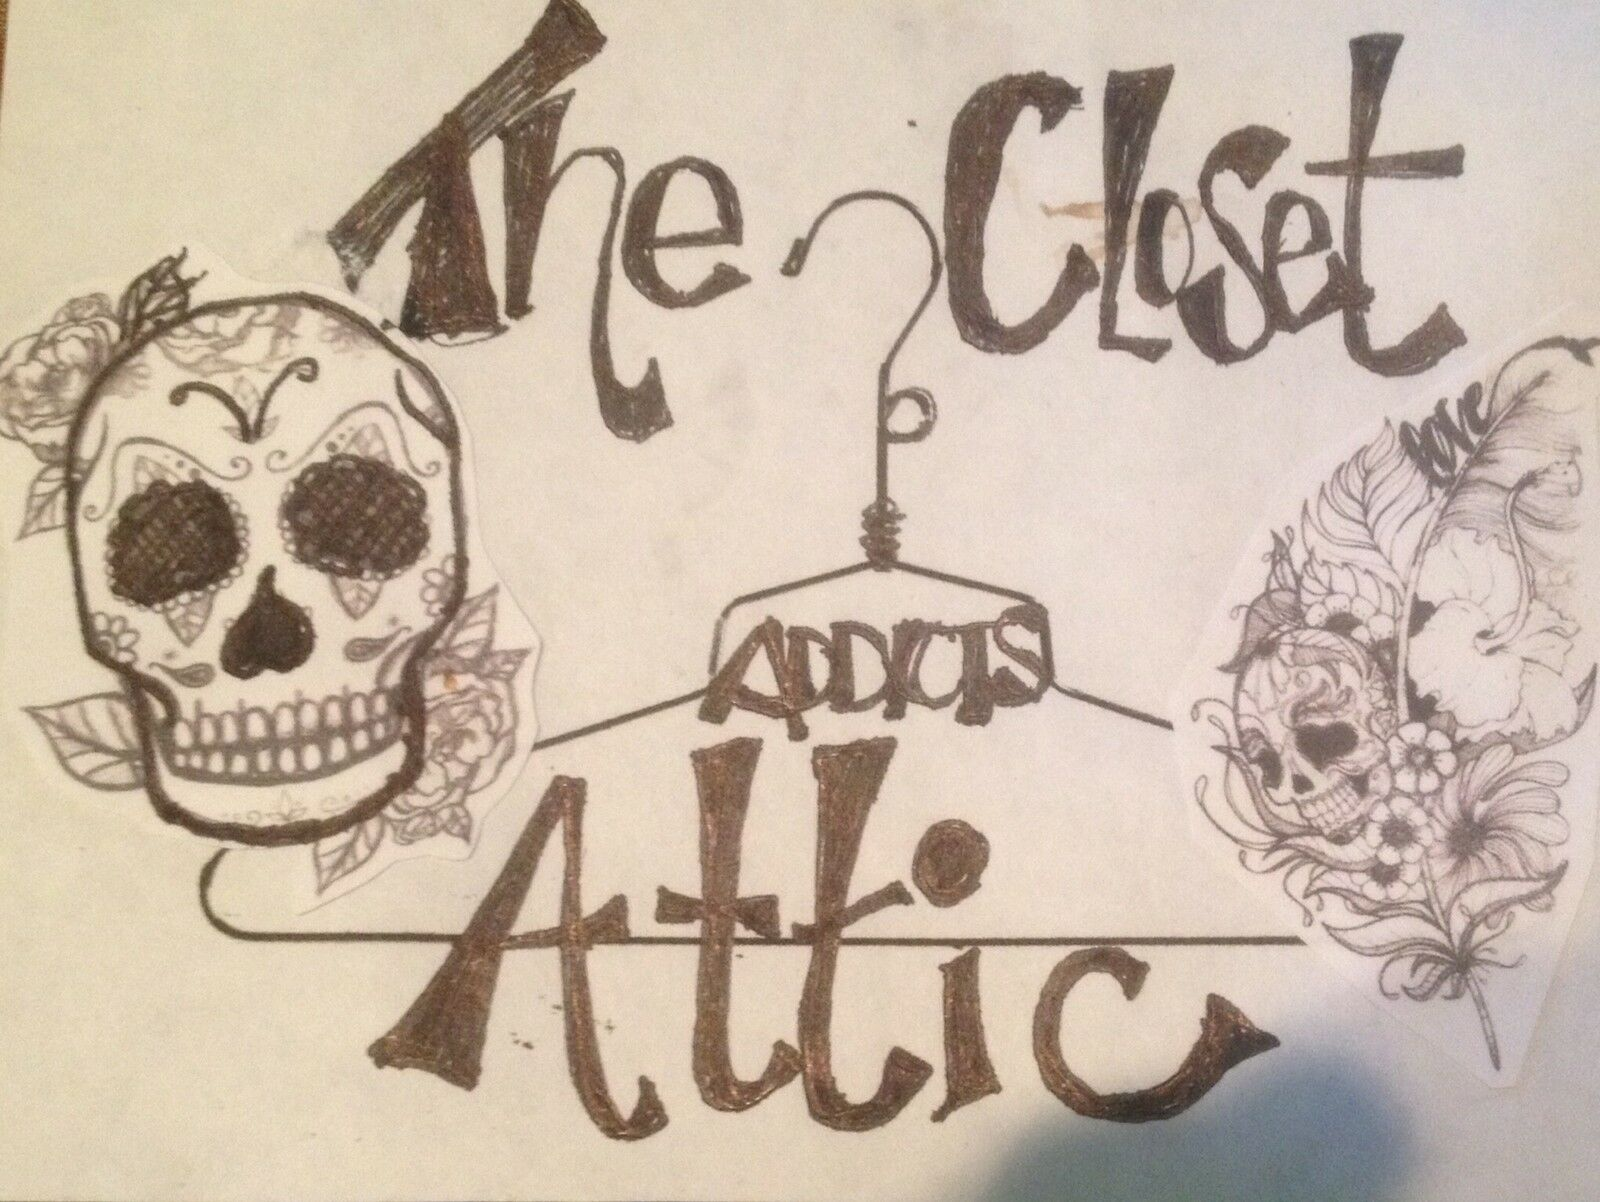 The Closet Addict's ATTIC